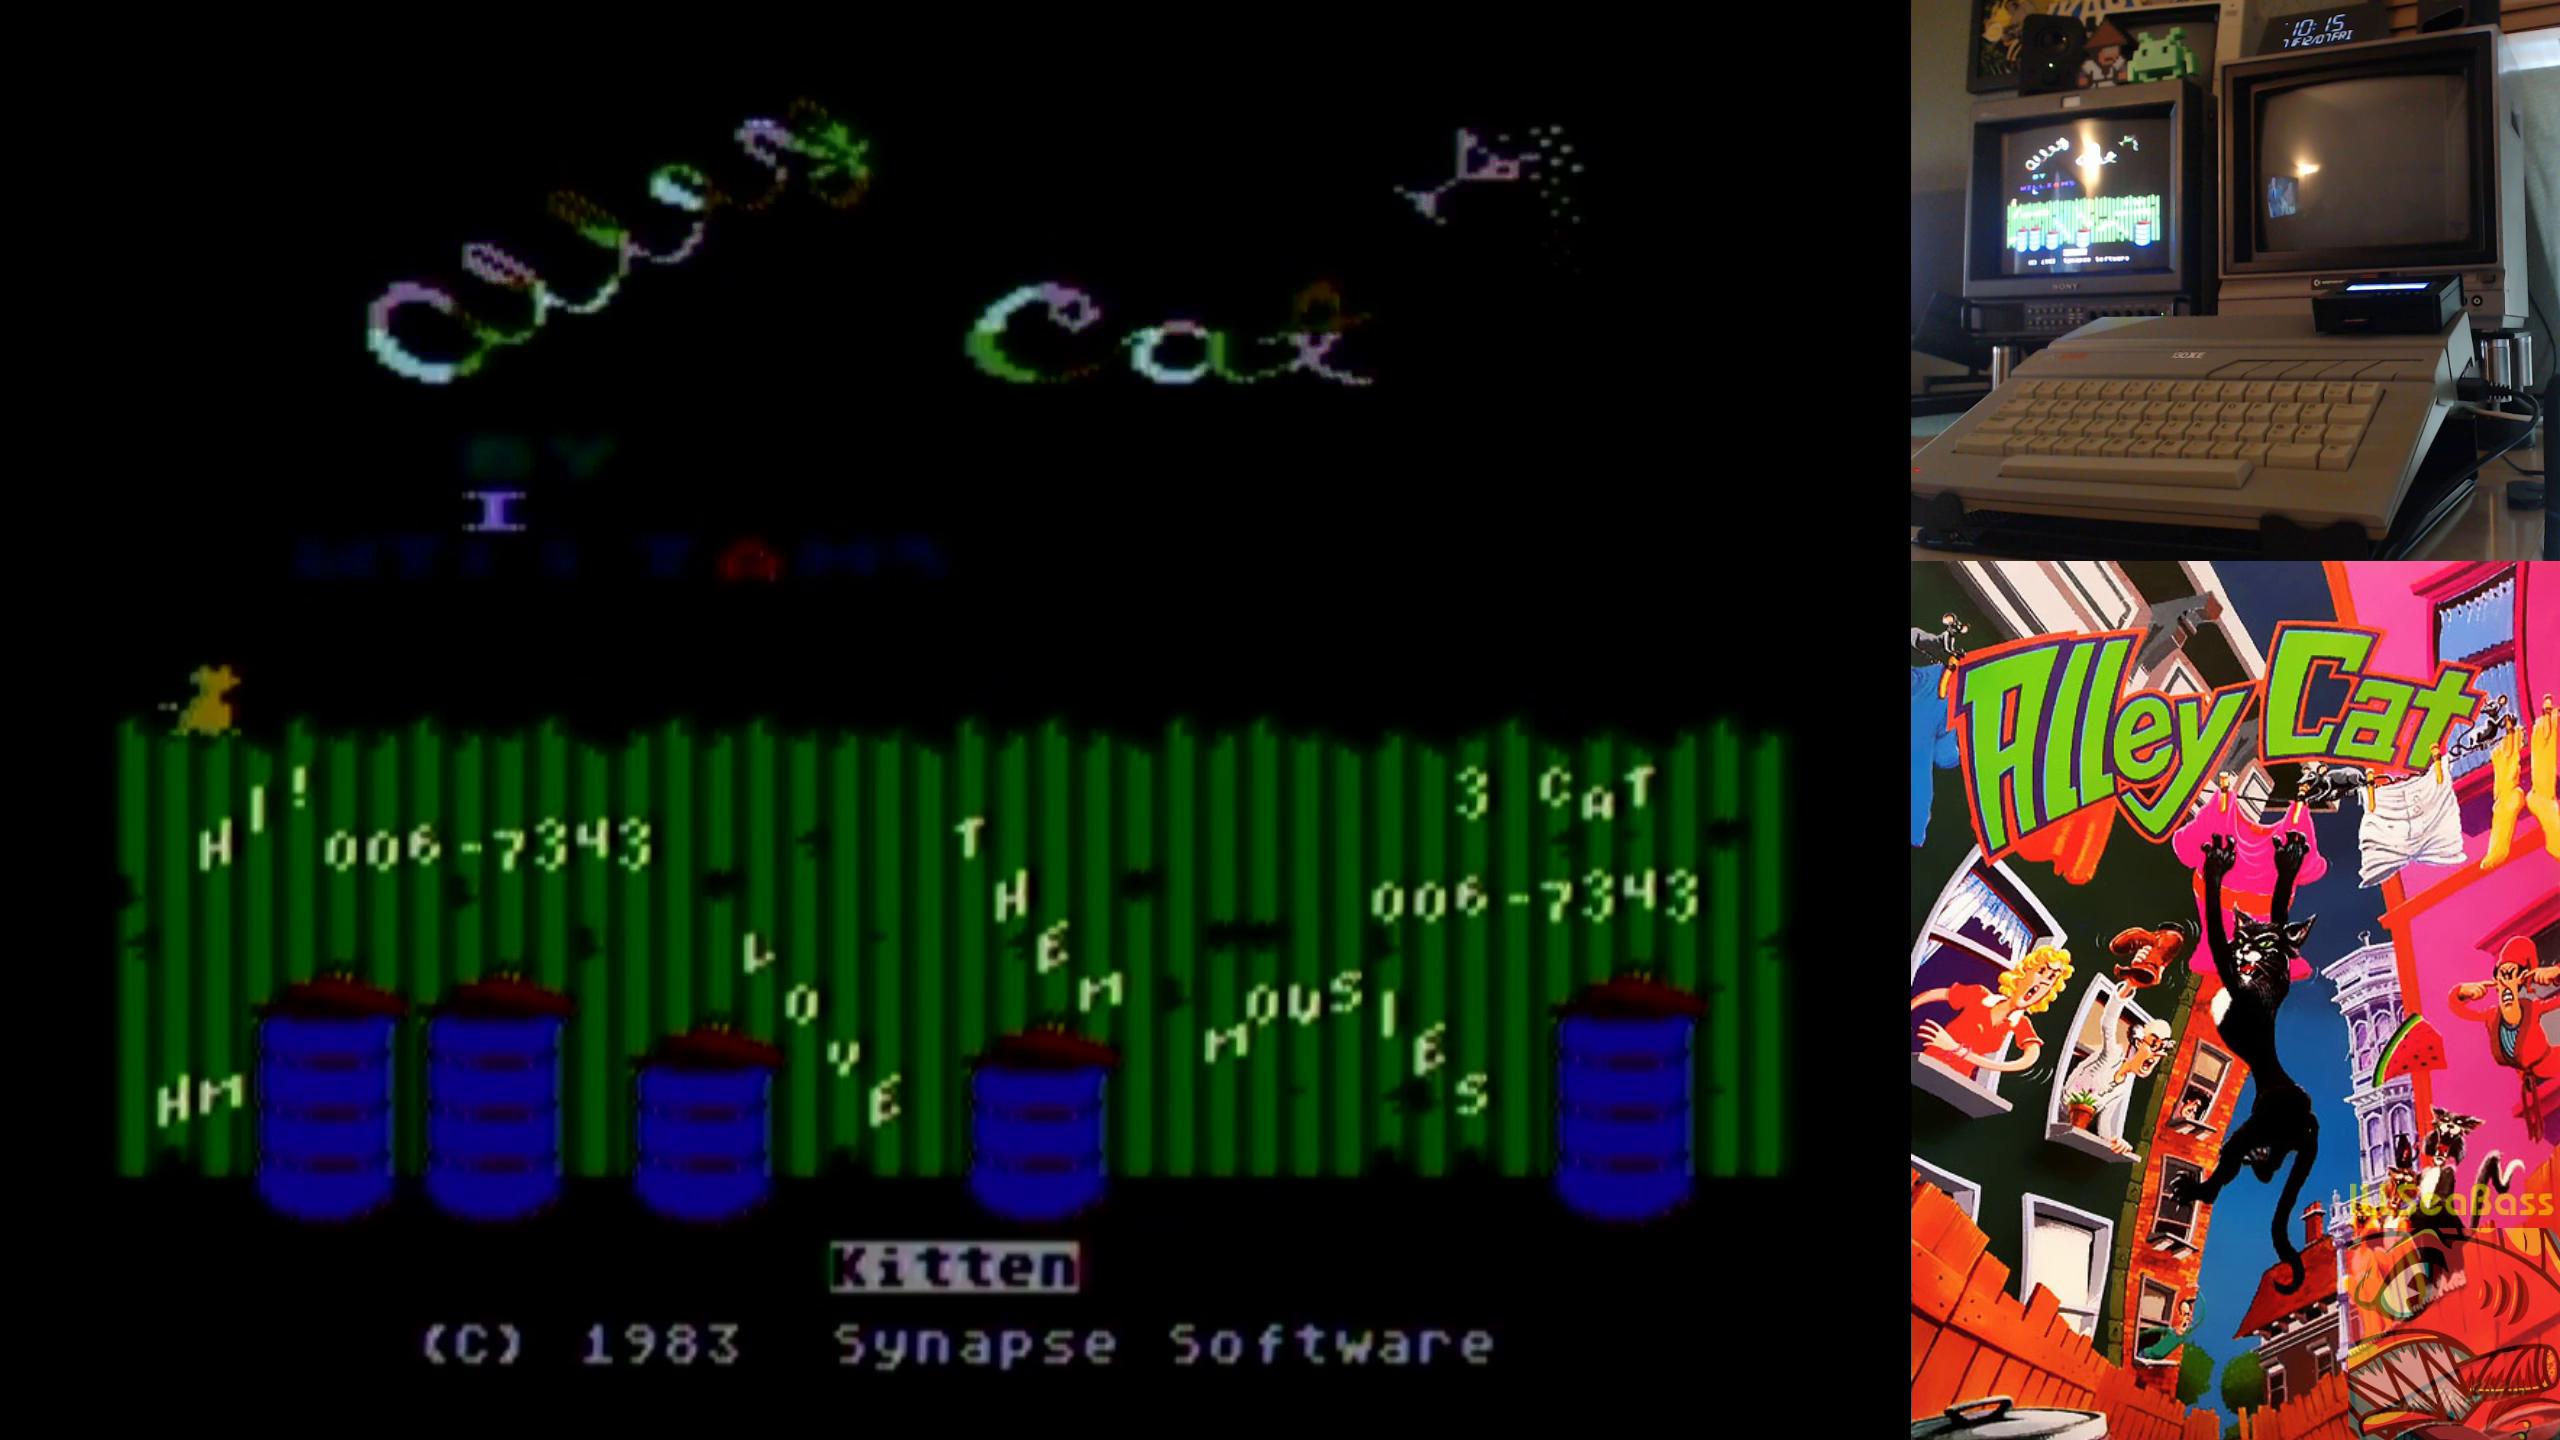 ILLSeaBass: Alley Cat (Atari 400/800/XL/XE) 67,343 points on 2018-12-13 11:51:48